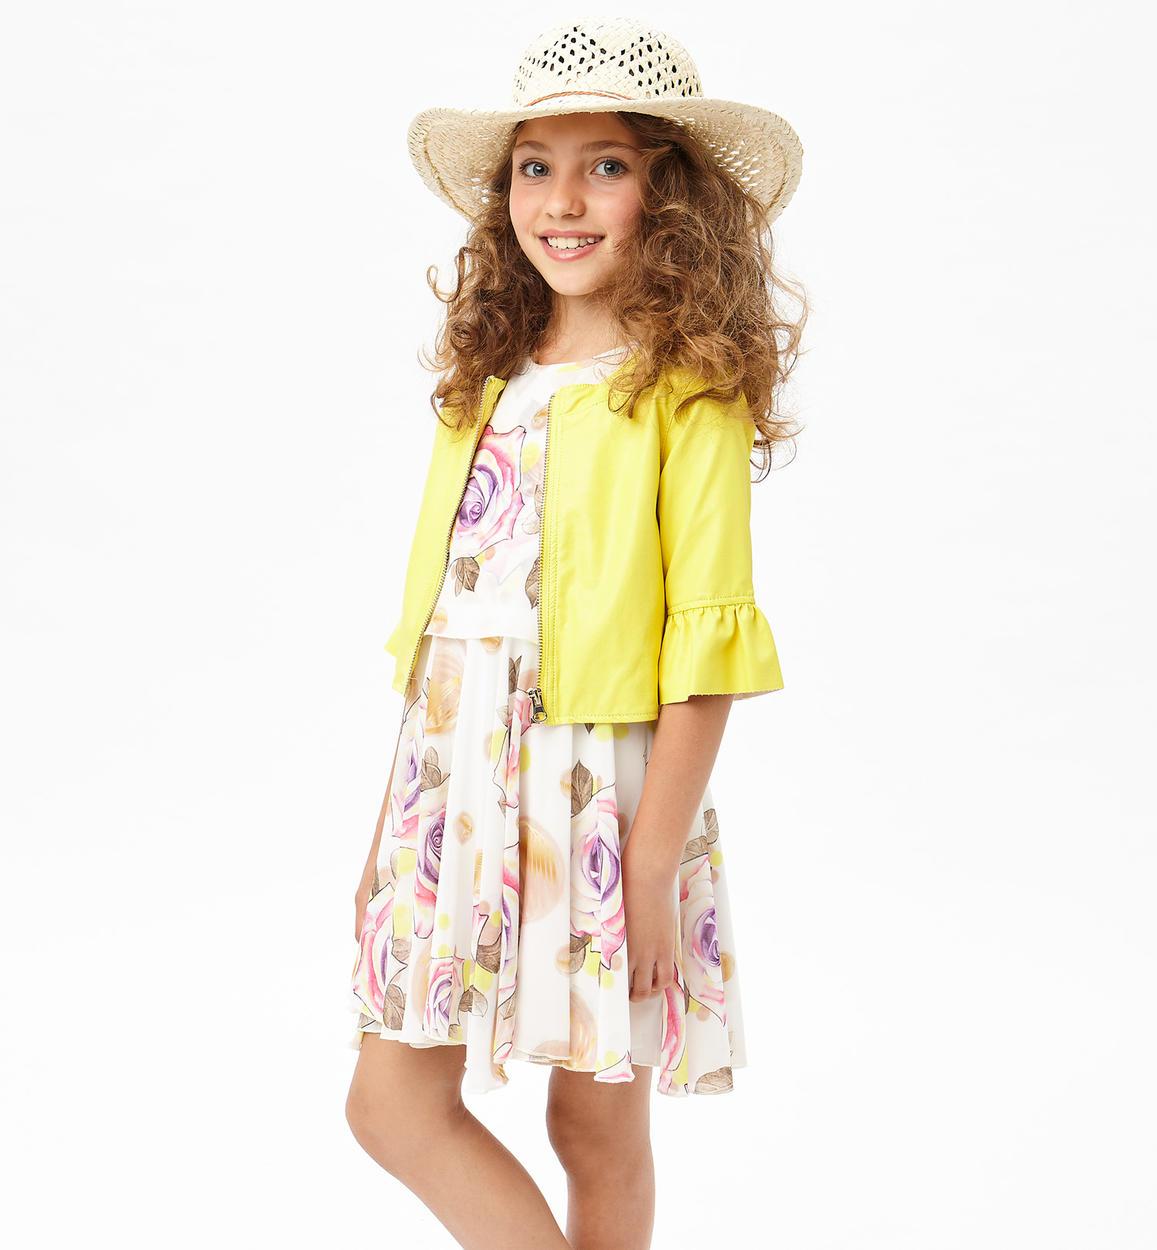 Vestiti Eleganti 16 Anni.Elegante Vestito In Chiffon Floreale Per Bambina Da 6 A 16 Anni